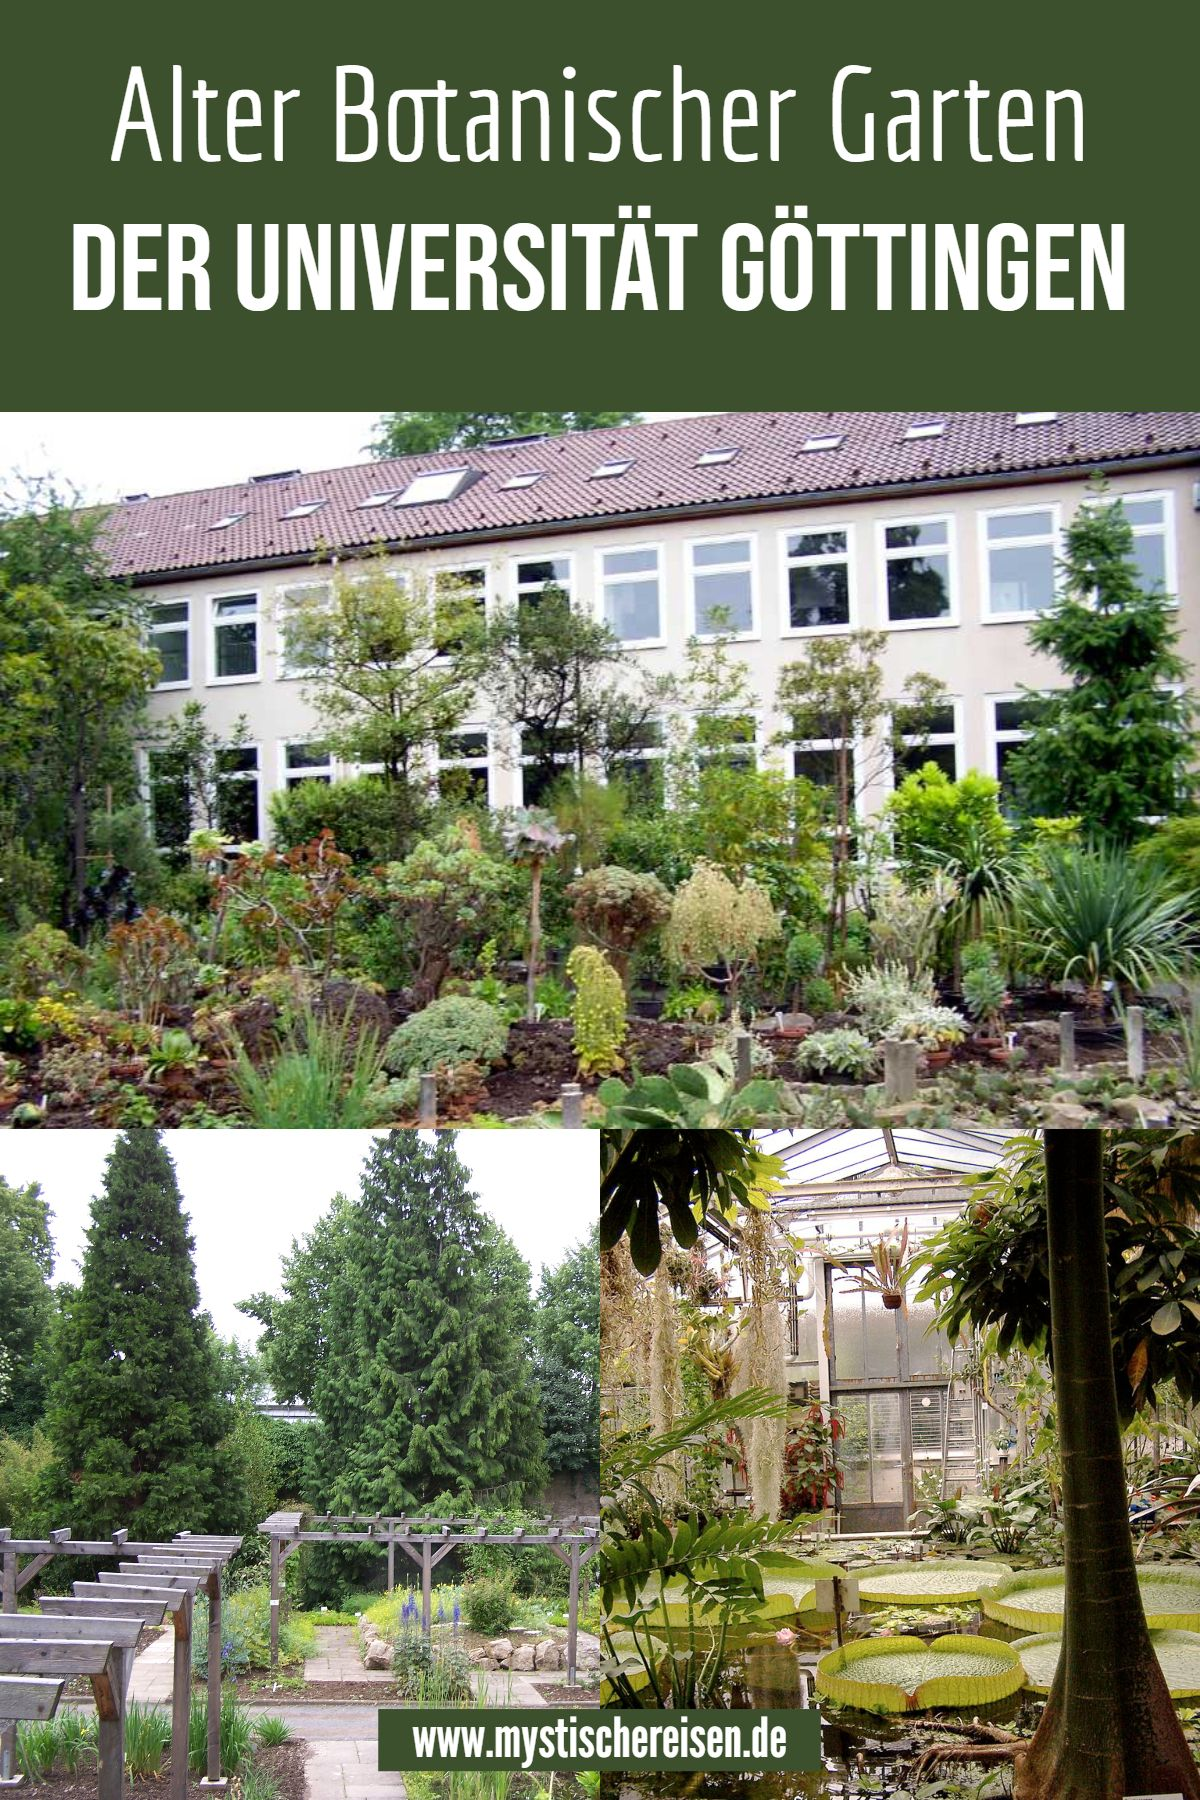 Alter Botanischer Garten Der Universitat Gottingen Botanischer Garten Sehenswurdigkeiten Urlaub In Deutschland